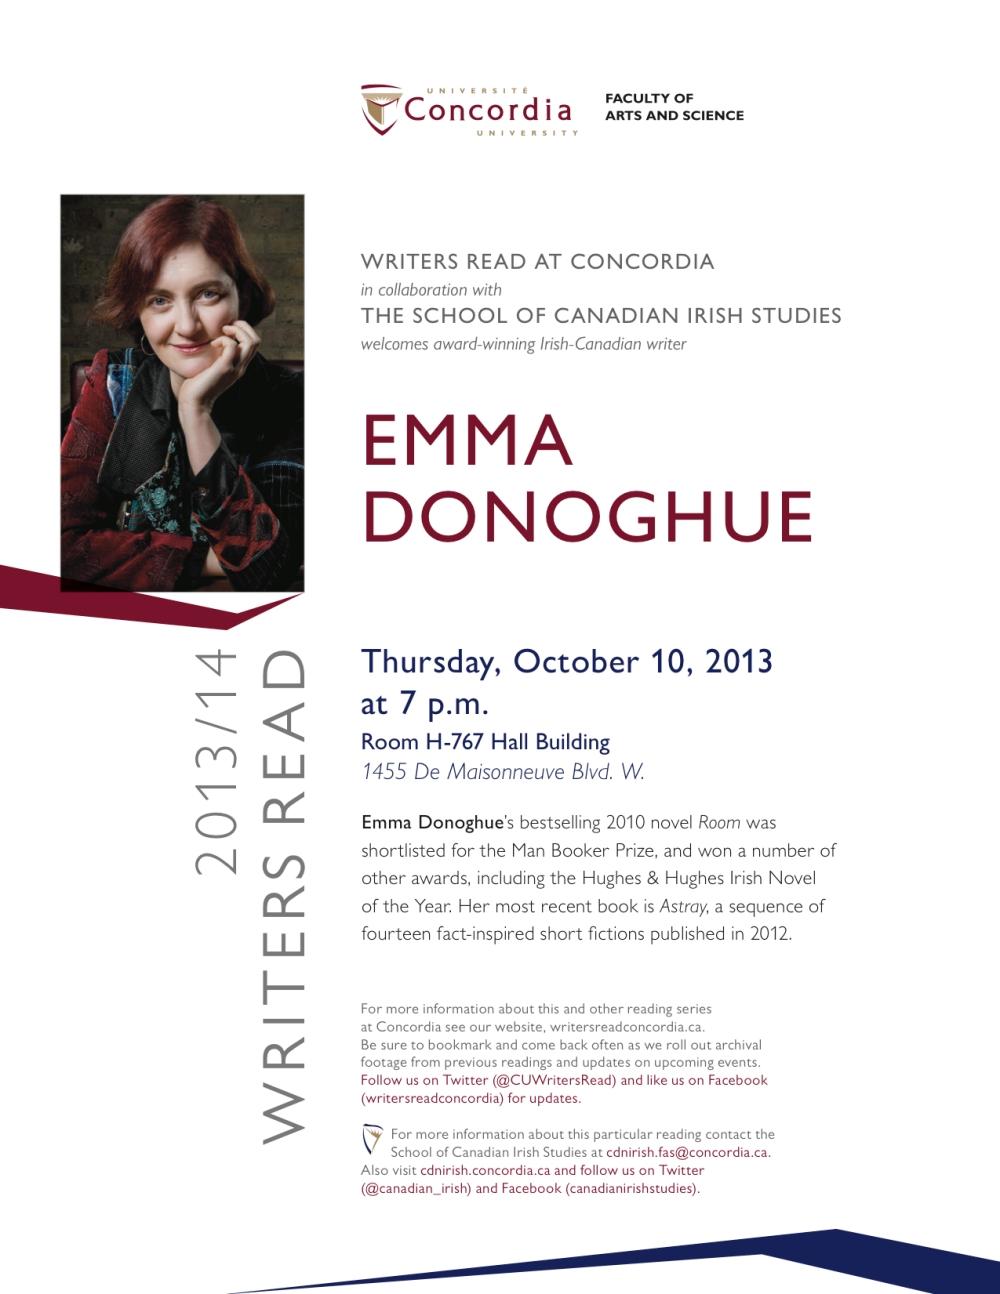 Emma Donoghue poster